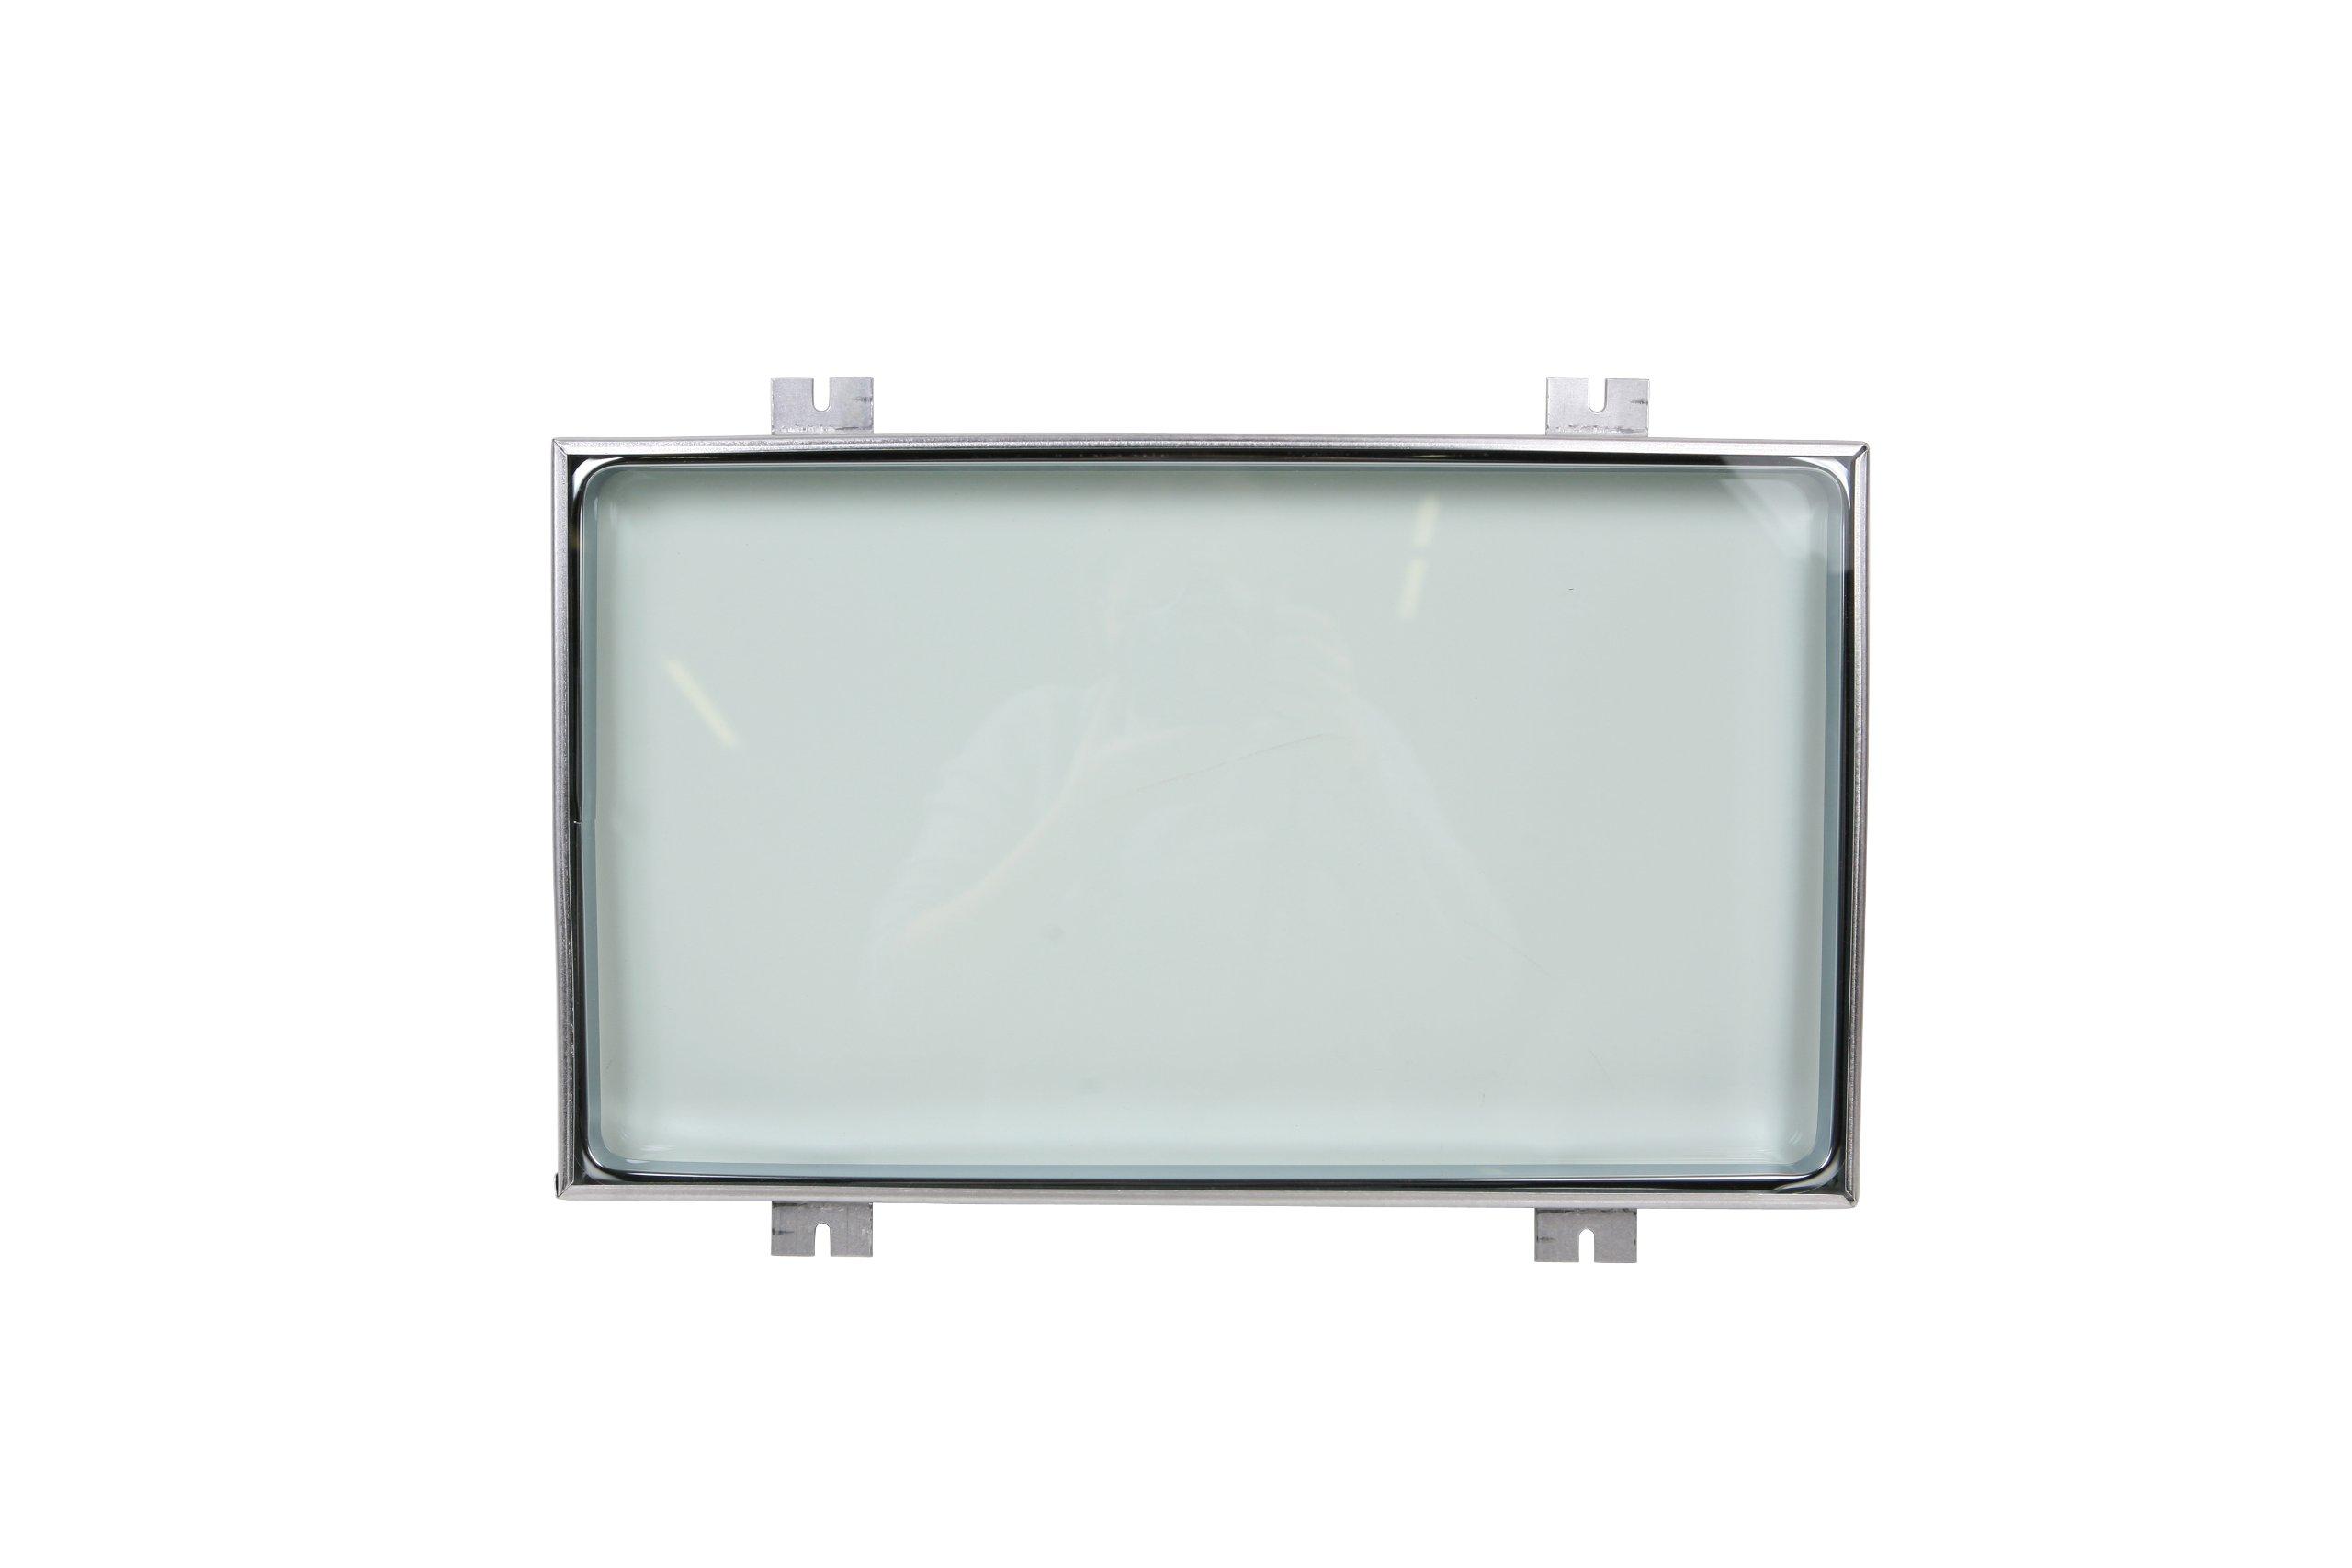 VULCAN HART 358534-1 Oven Door Window